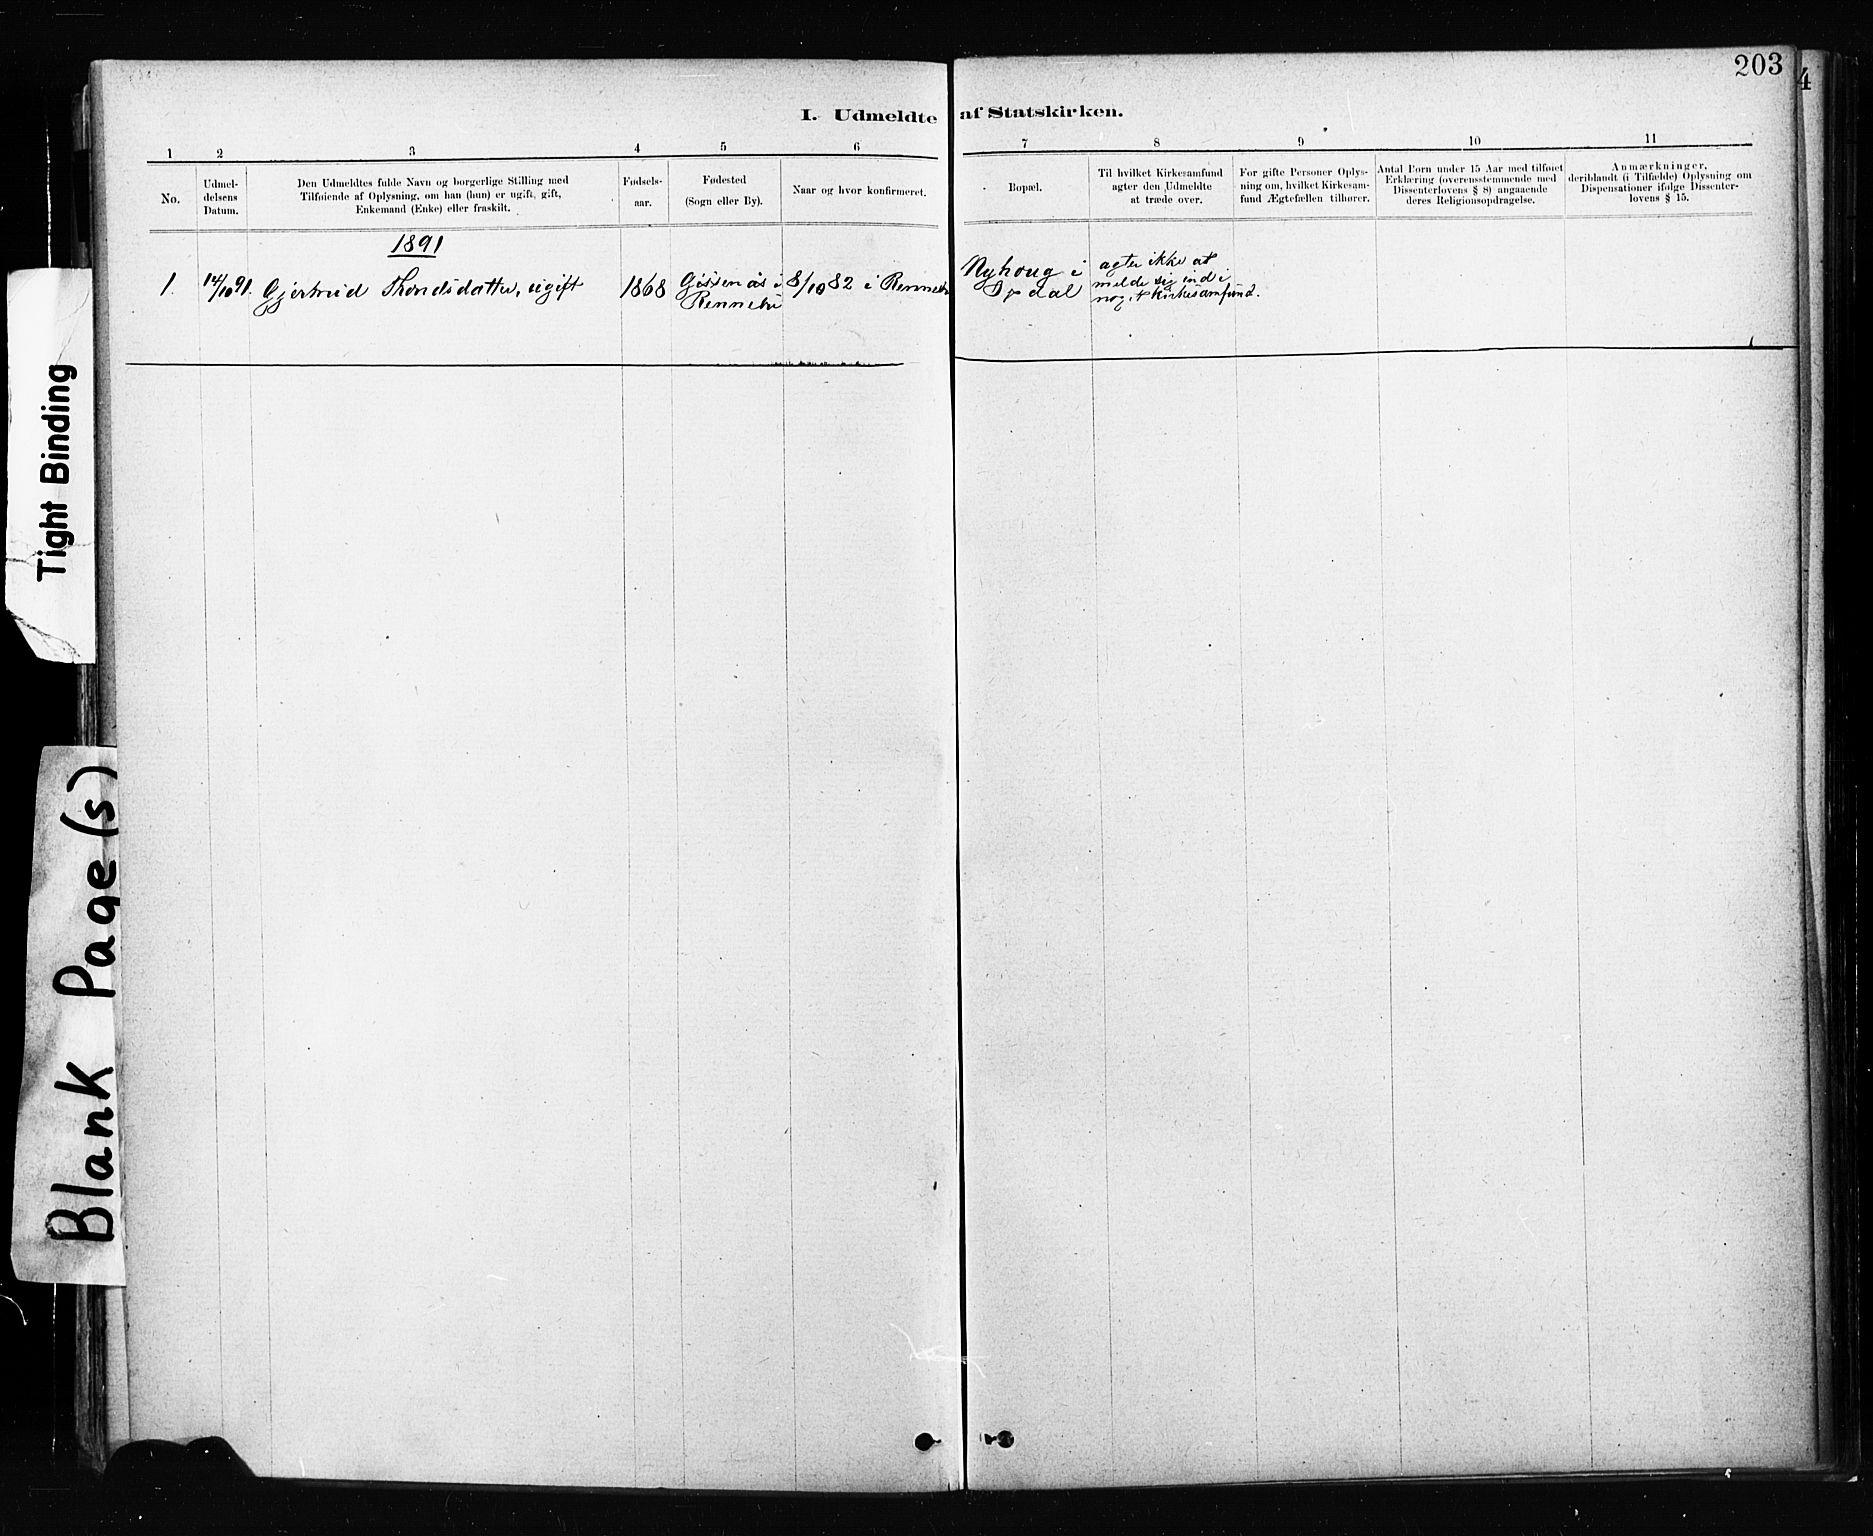 SAT, Ministerialprotokoller, klokkerbøker og fødselsregistre - Sør-Trøndelag, 674/L0871: Ministerialbok nr. 674A03, 1880-1896, s. 203